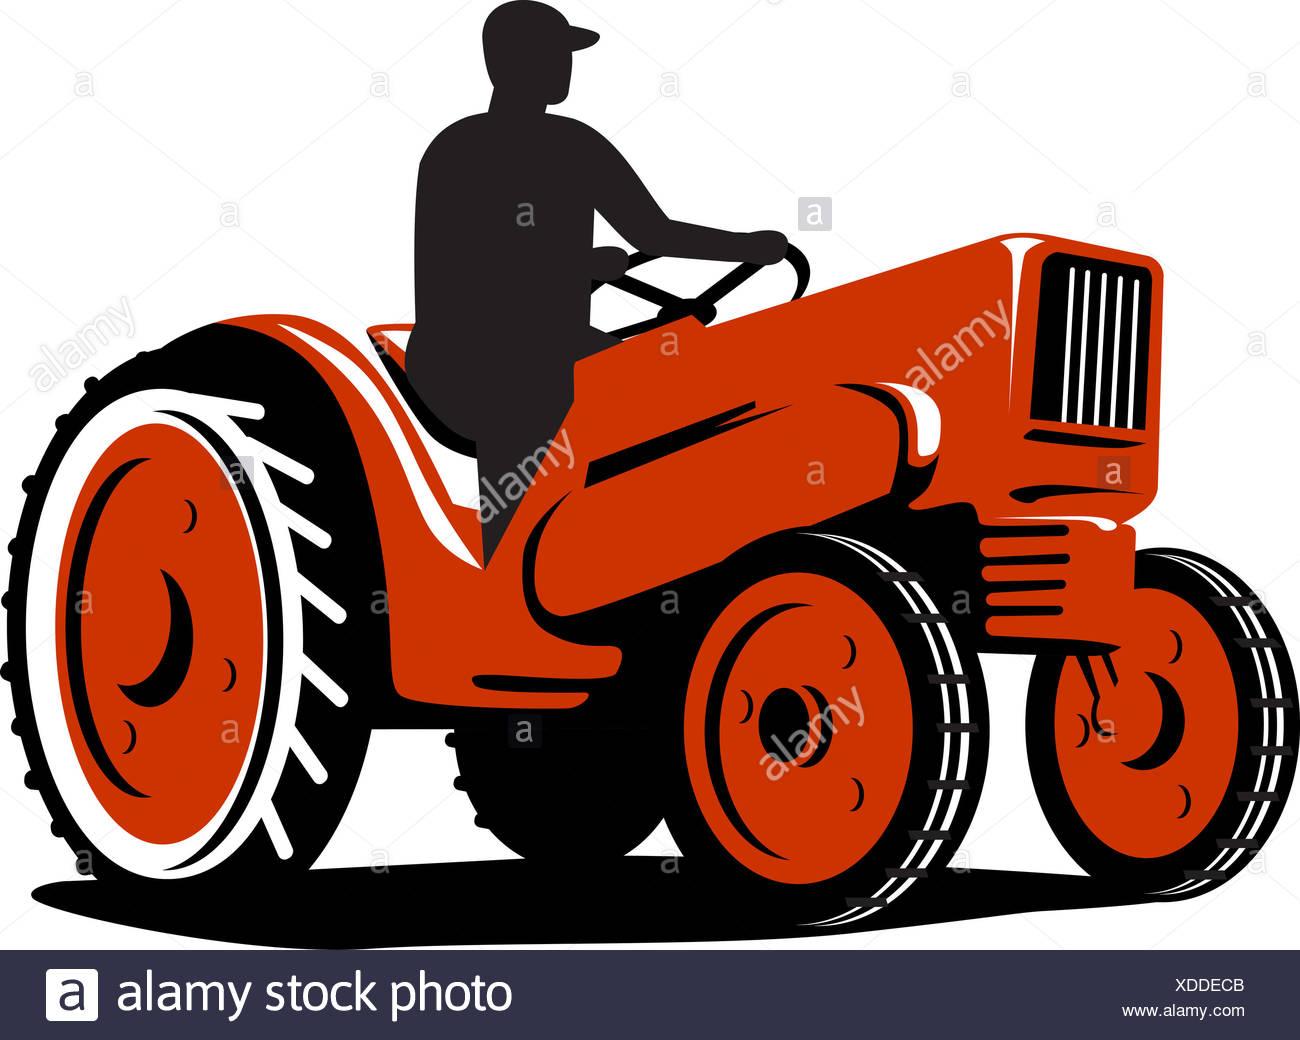 Farmer Driving Vintage Tractor Retro Stock Photos Farmer